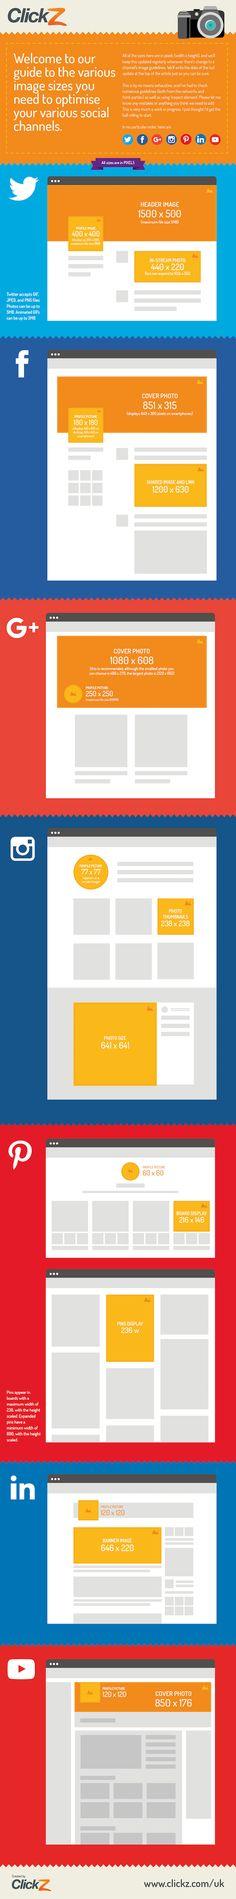 <p>Guide to social media image sizes [infographic] je samozřejmě jeden z mnoha zdrojů informací o tom, jak velké mají být obrázky na sociálních sítích. Třeba tech 851×315 pro fotku v záhlaví profilu/stránky na Fácebooku. </p>